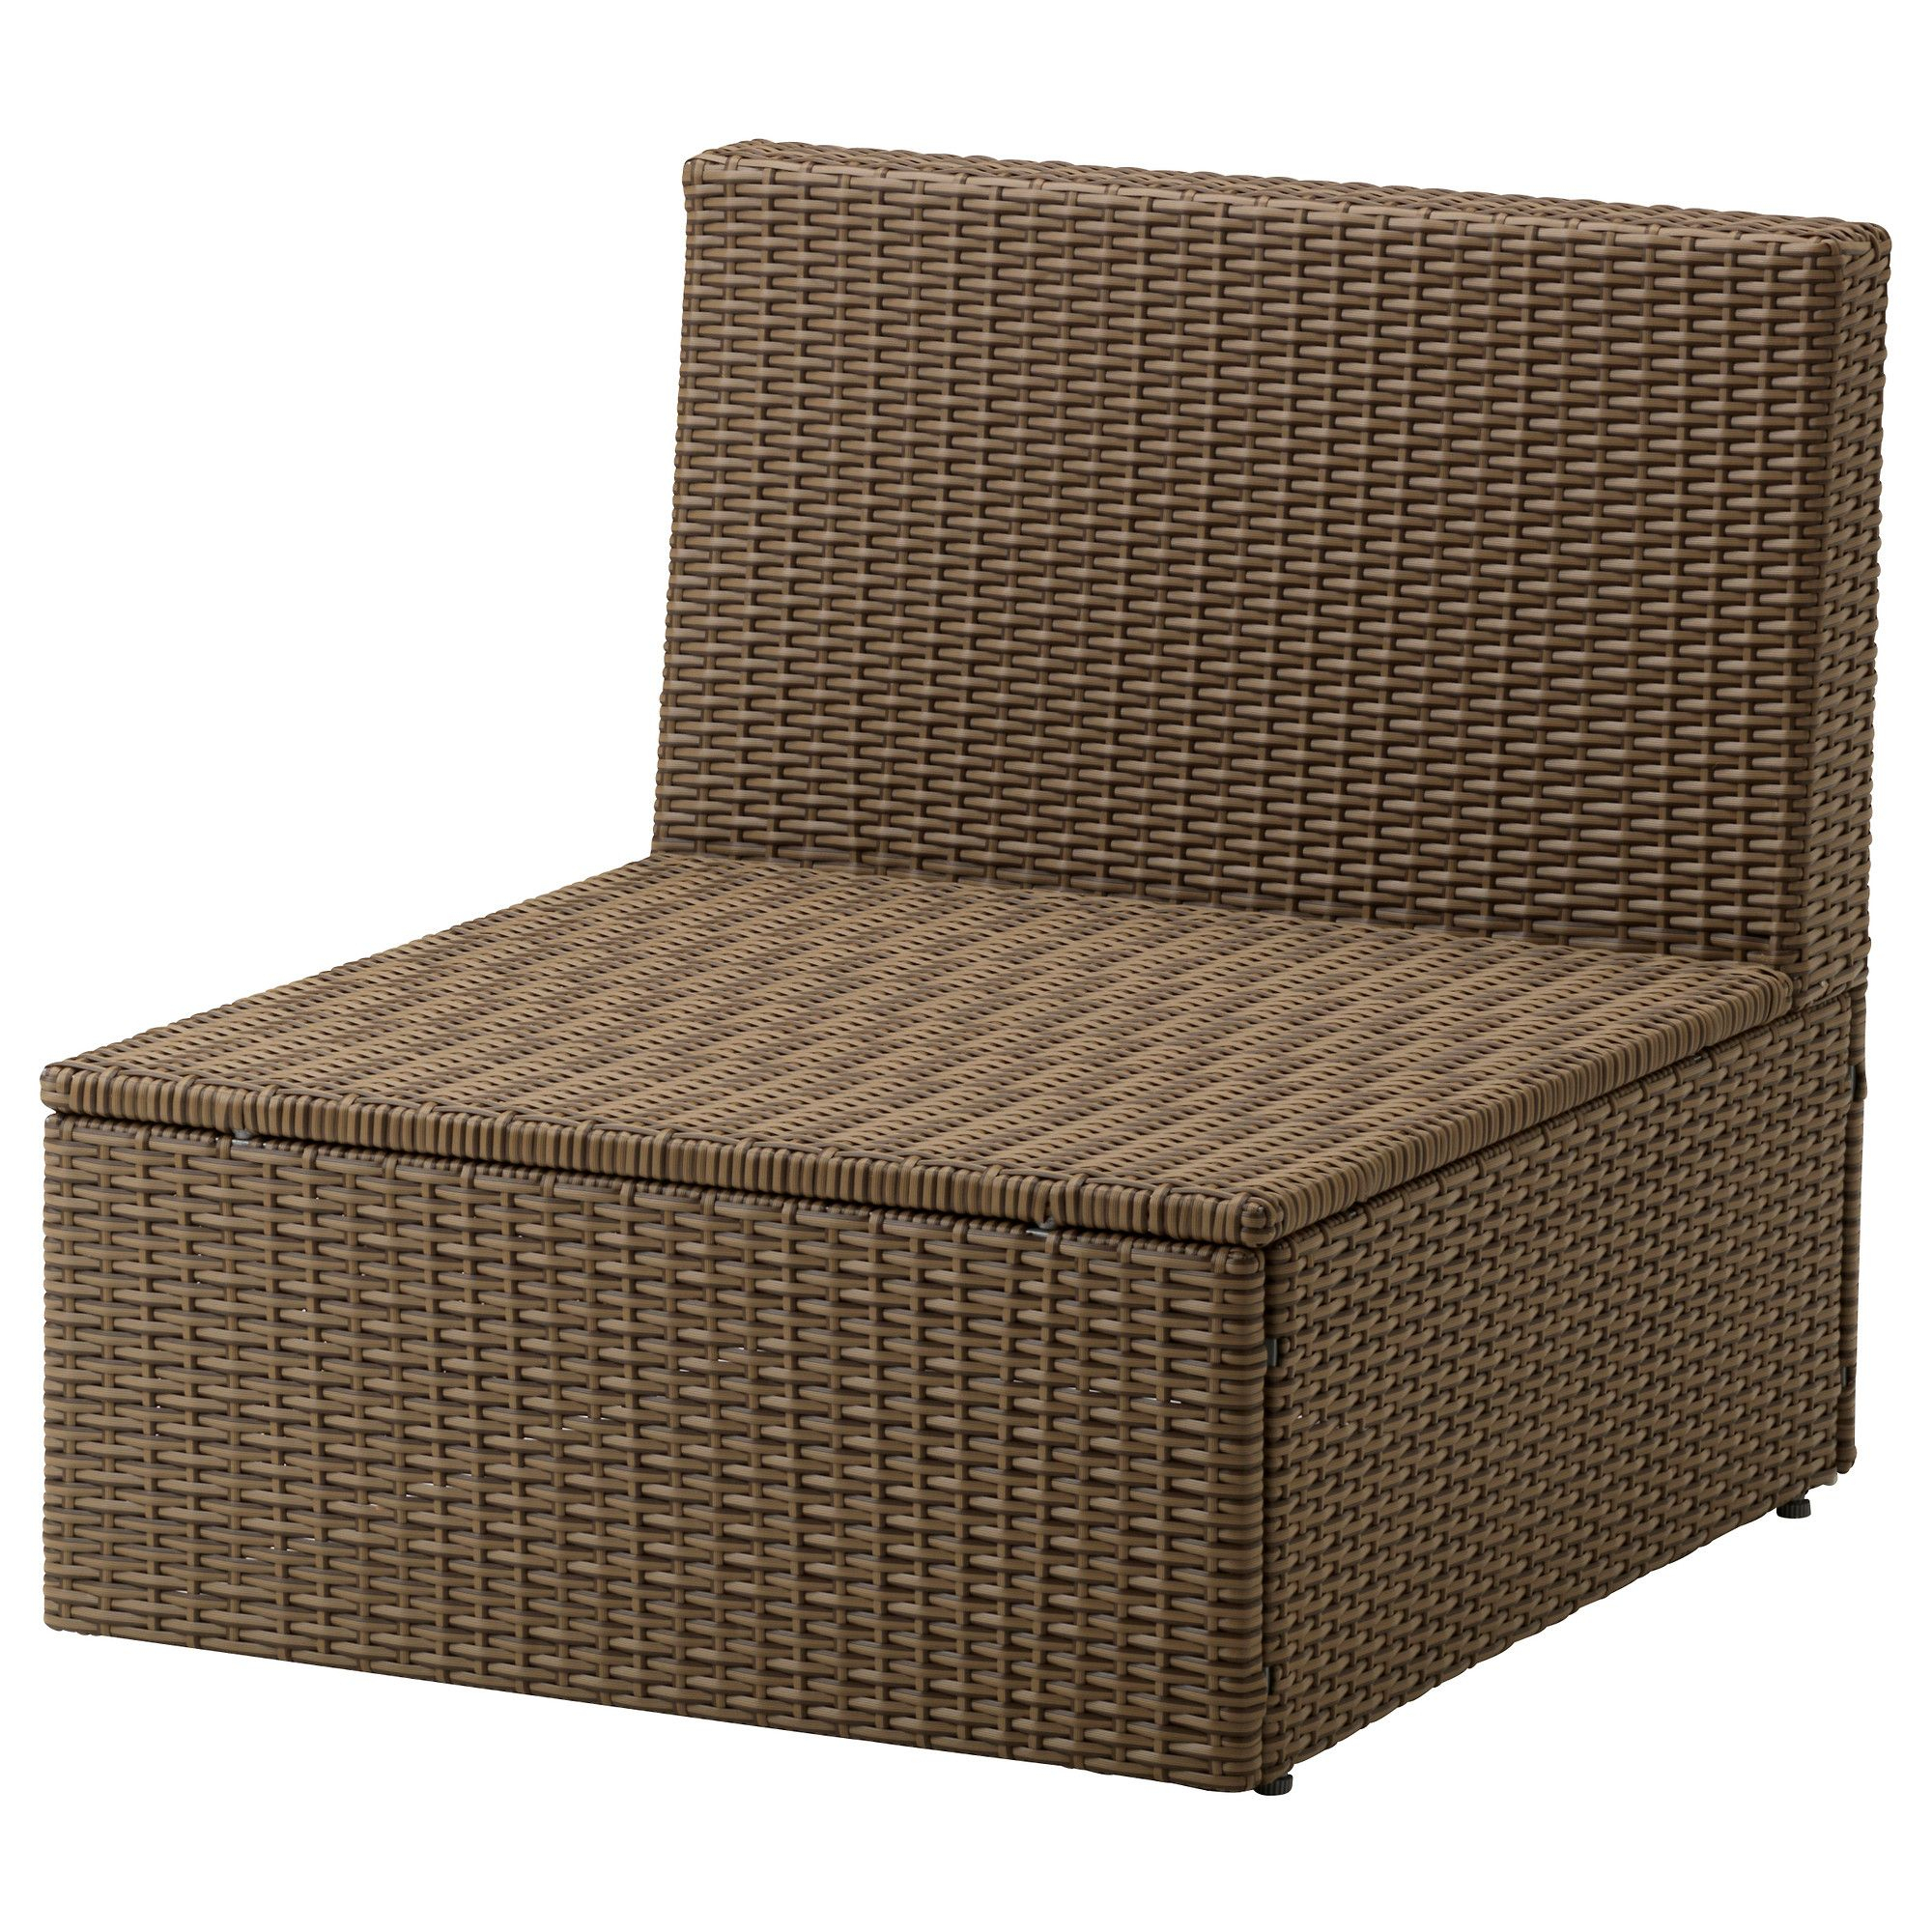 Arholma Chauffeuse 1 Place, Extérieur - Ikea $125 + 2 ... concernant Mobilier De Jardin Ikea